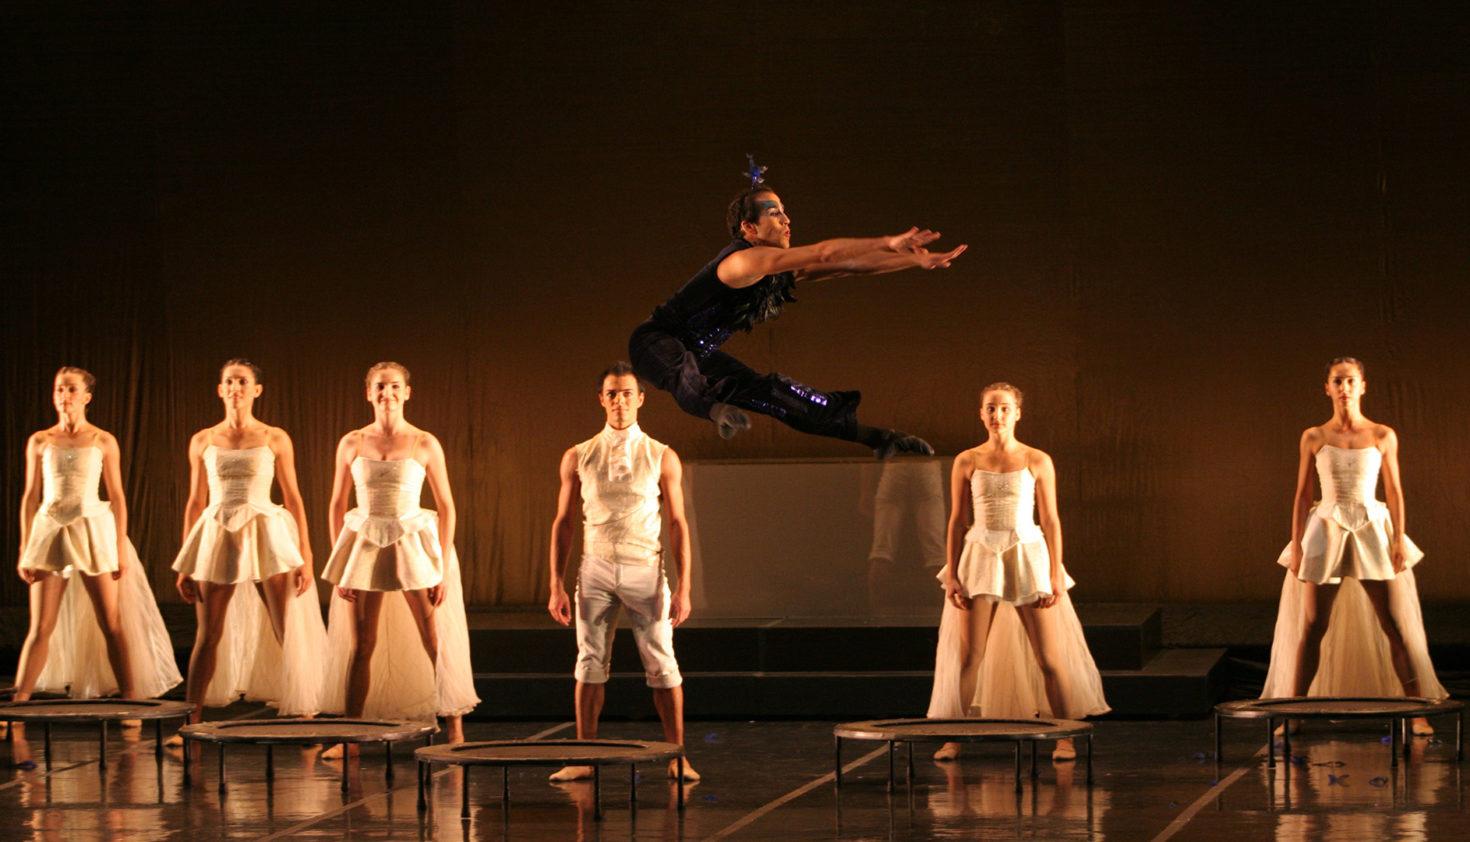 La bella durmiente. Ballet de Teatres de la Generalitat Valenciana (Teatro Albéniz, 2007)